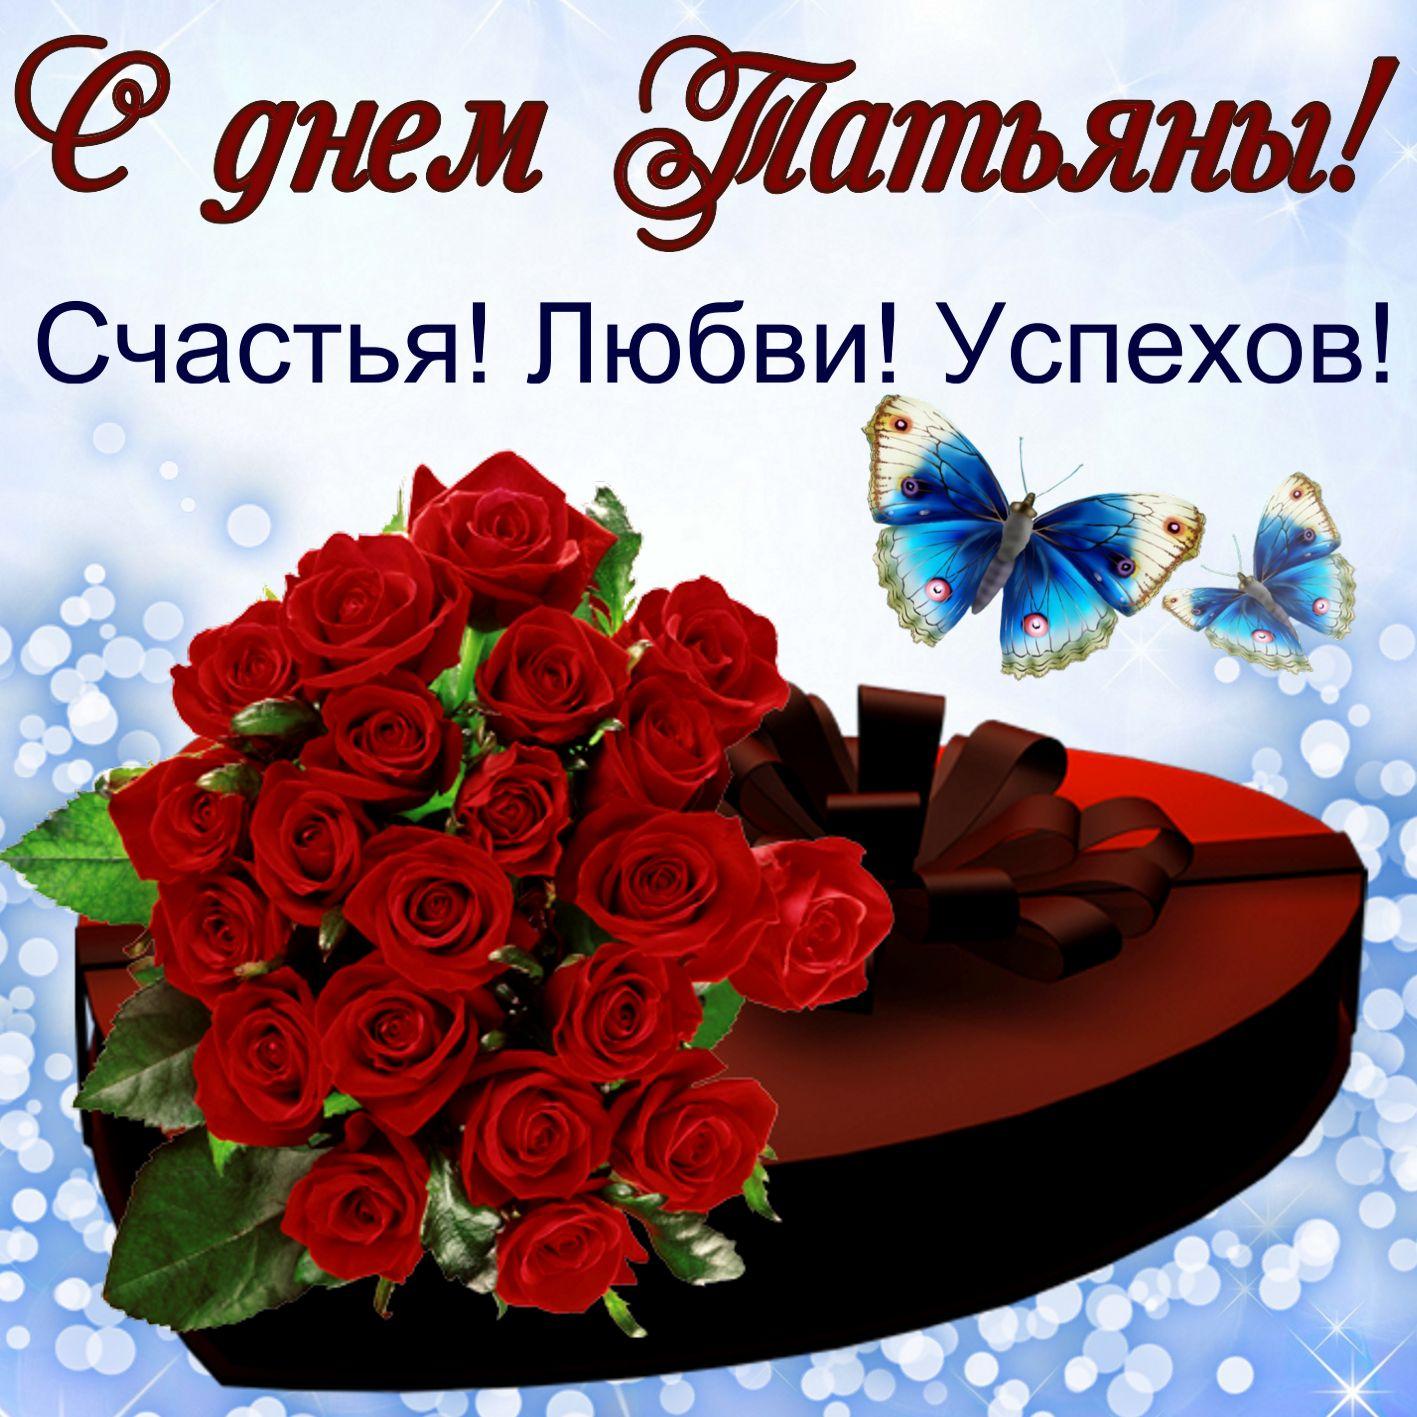 Картинки с розами для танюши, сентября